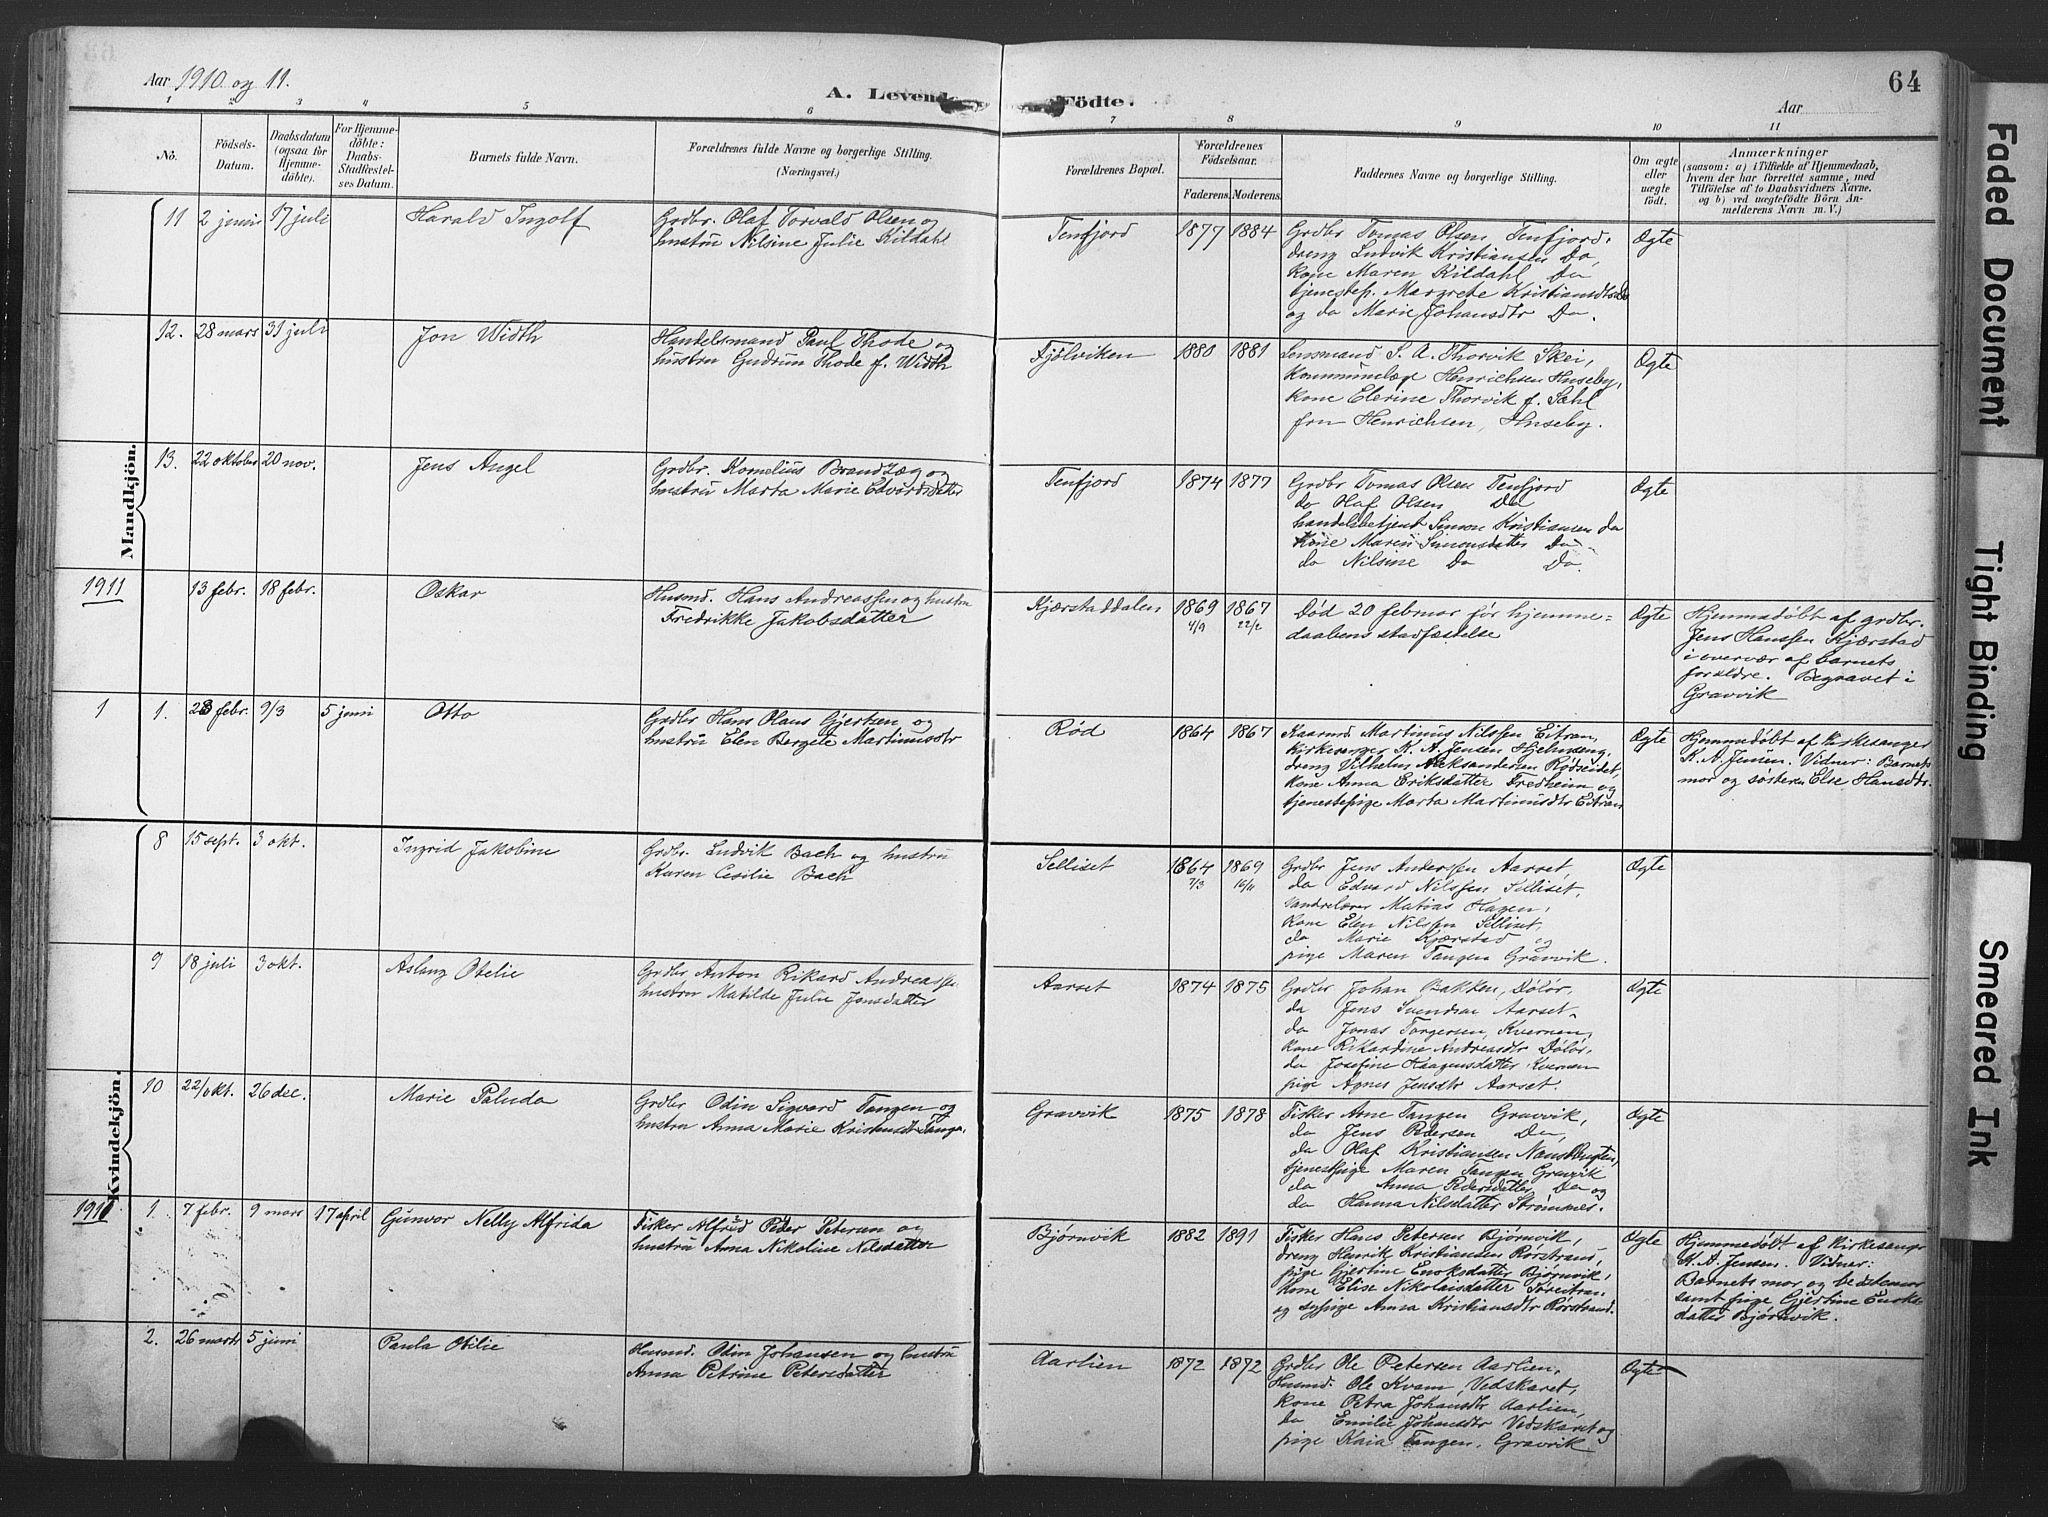 SAT, Ministerialprotokoller, klokkerbøker og fødselsregistre - Nord-Trøndelag, 789/L0706: Klokkerbok nr. 789C01, 1888-1931, s. 64